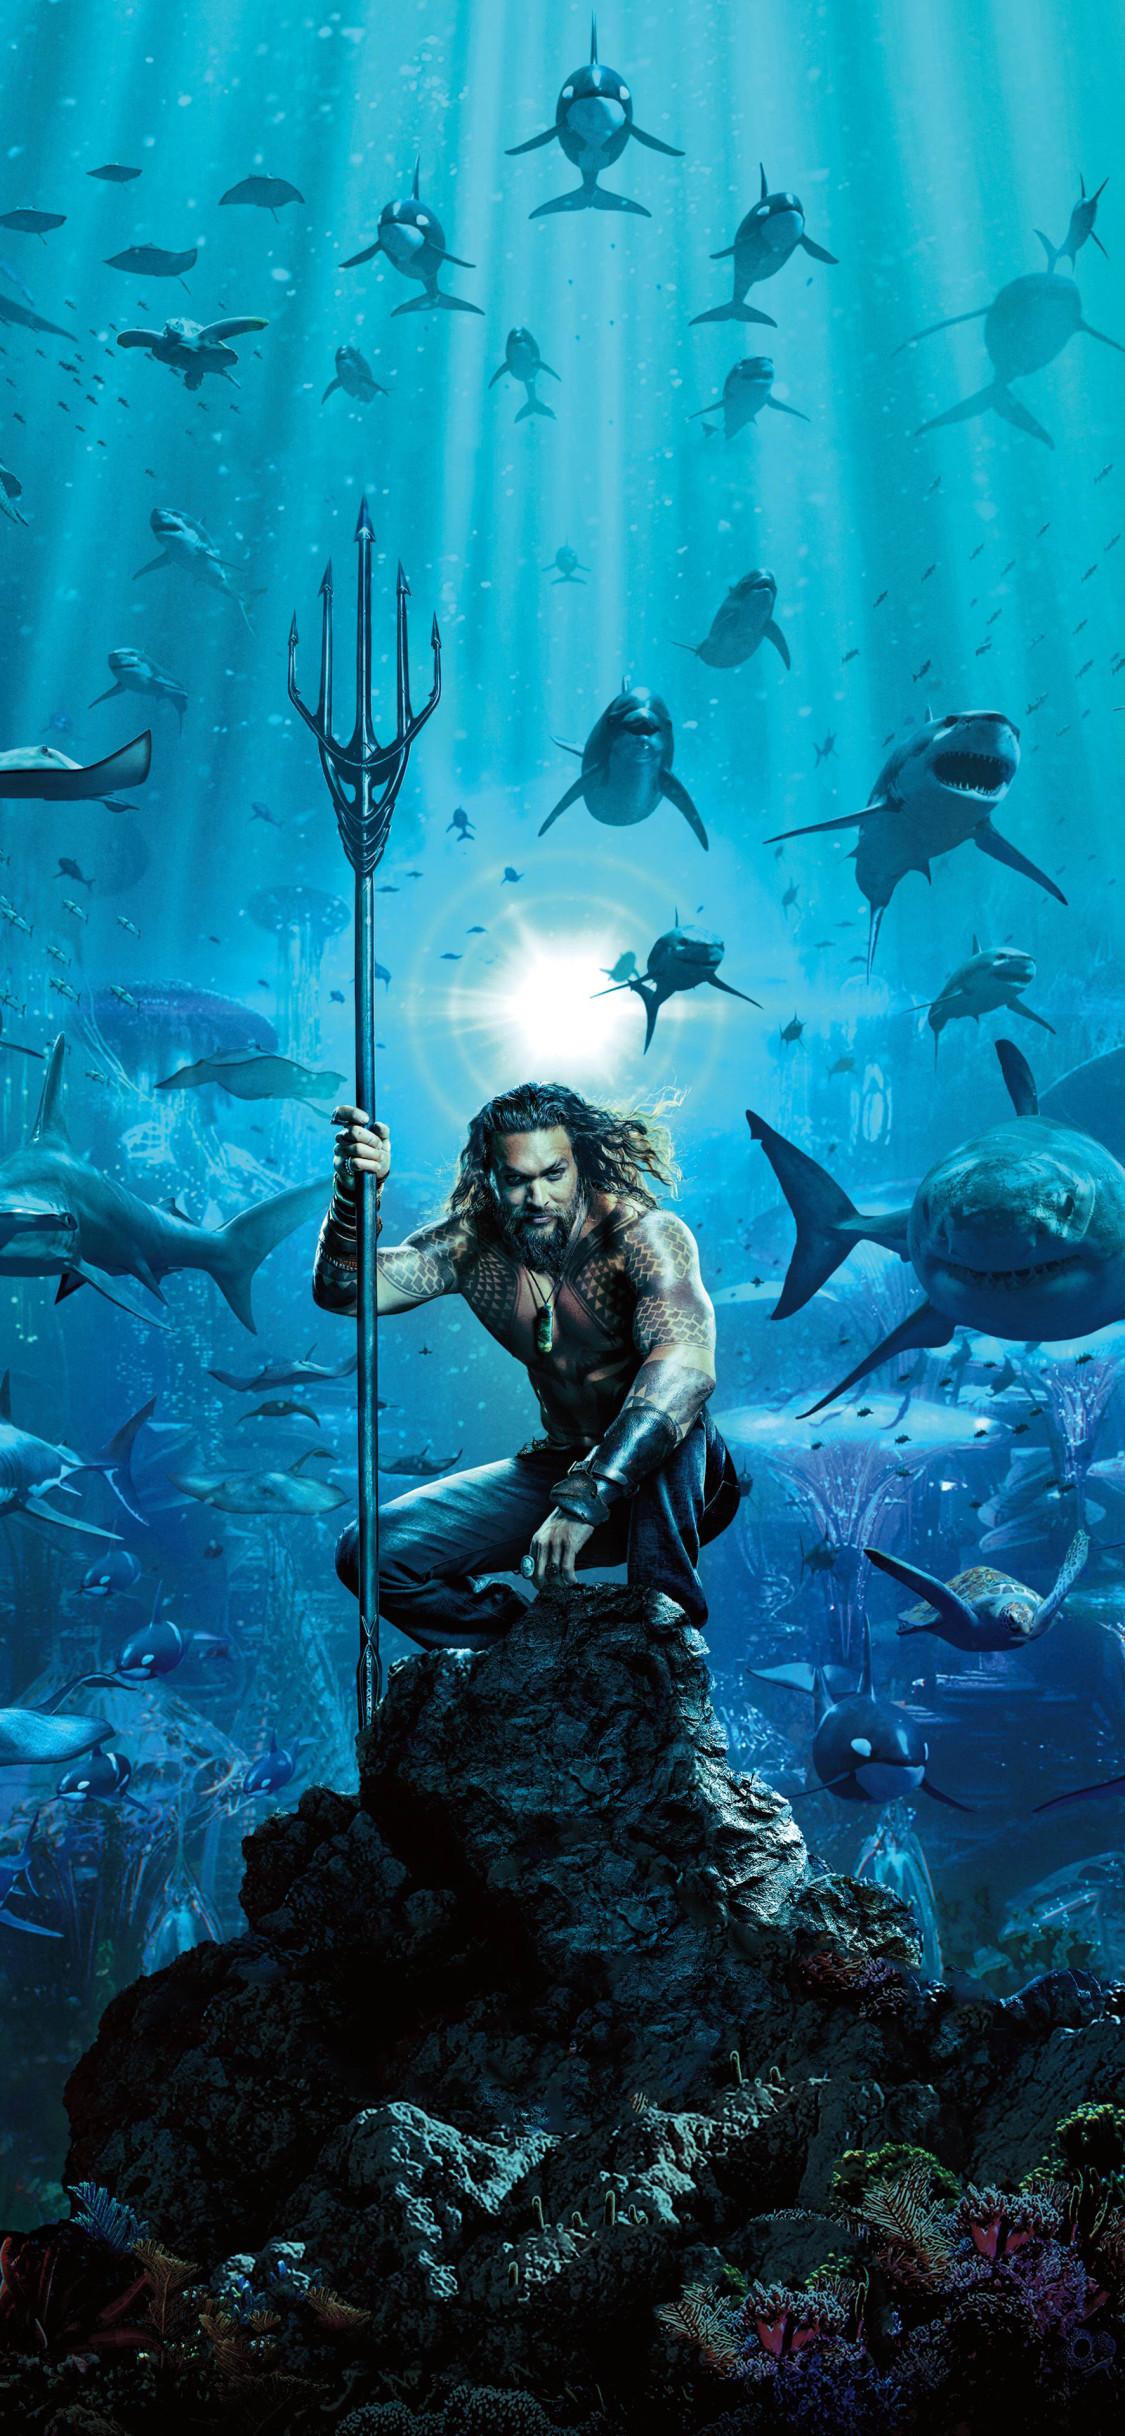 Aquaman Wallpaper Iphone , HD Wallpaper & Backgrounds